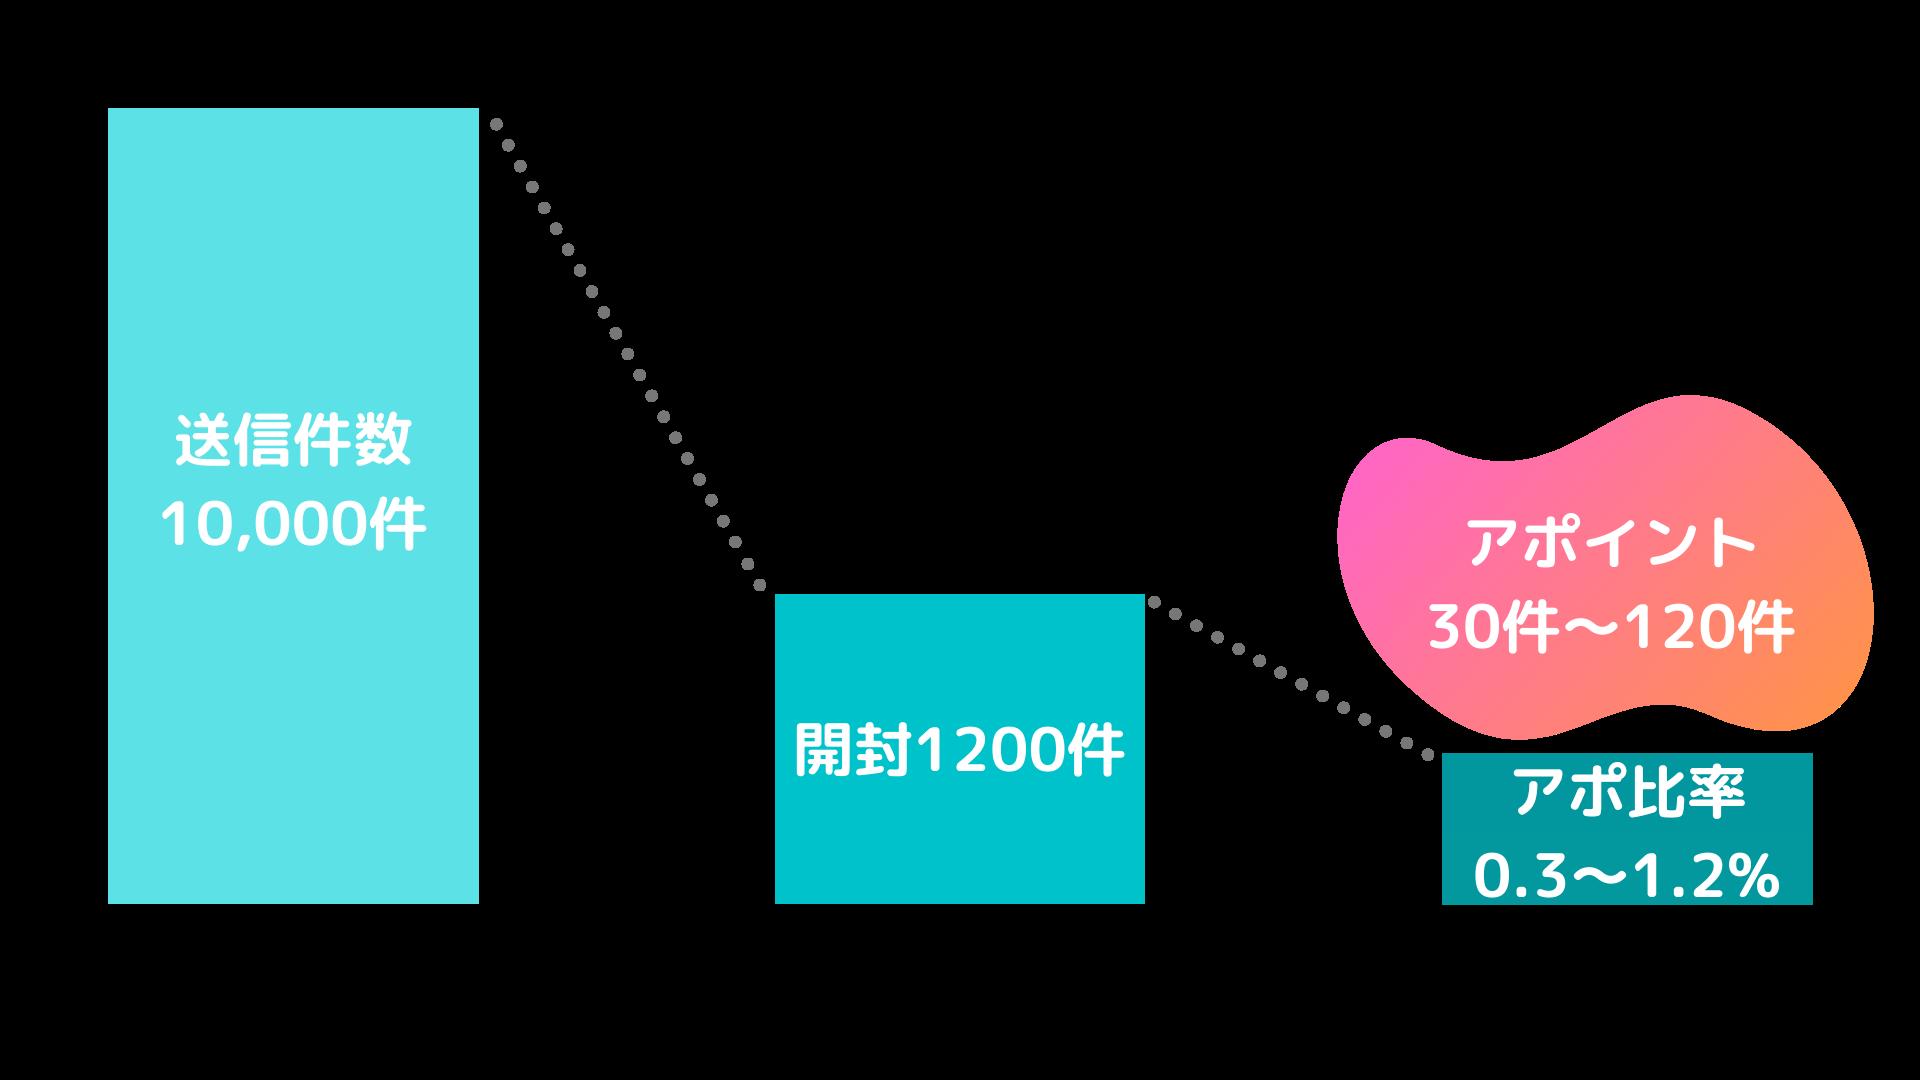 SHINOBI mail